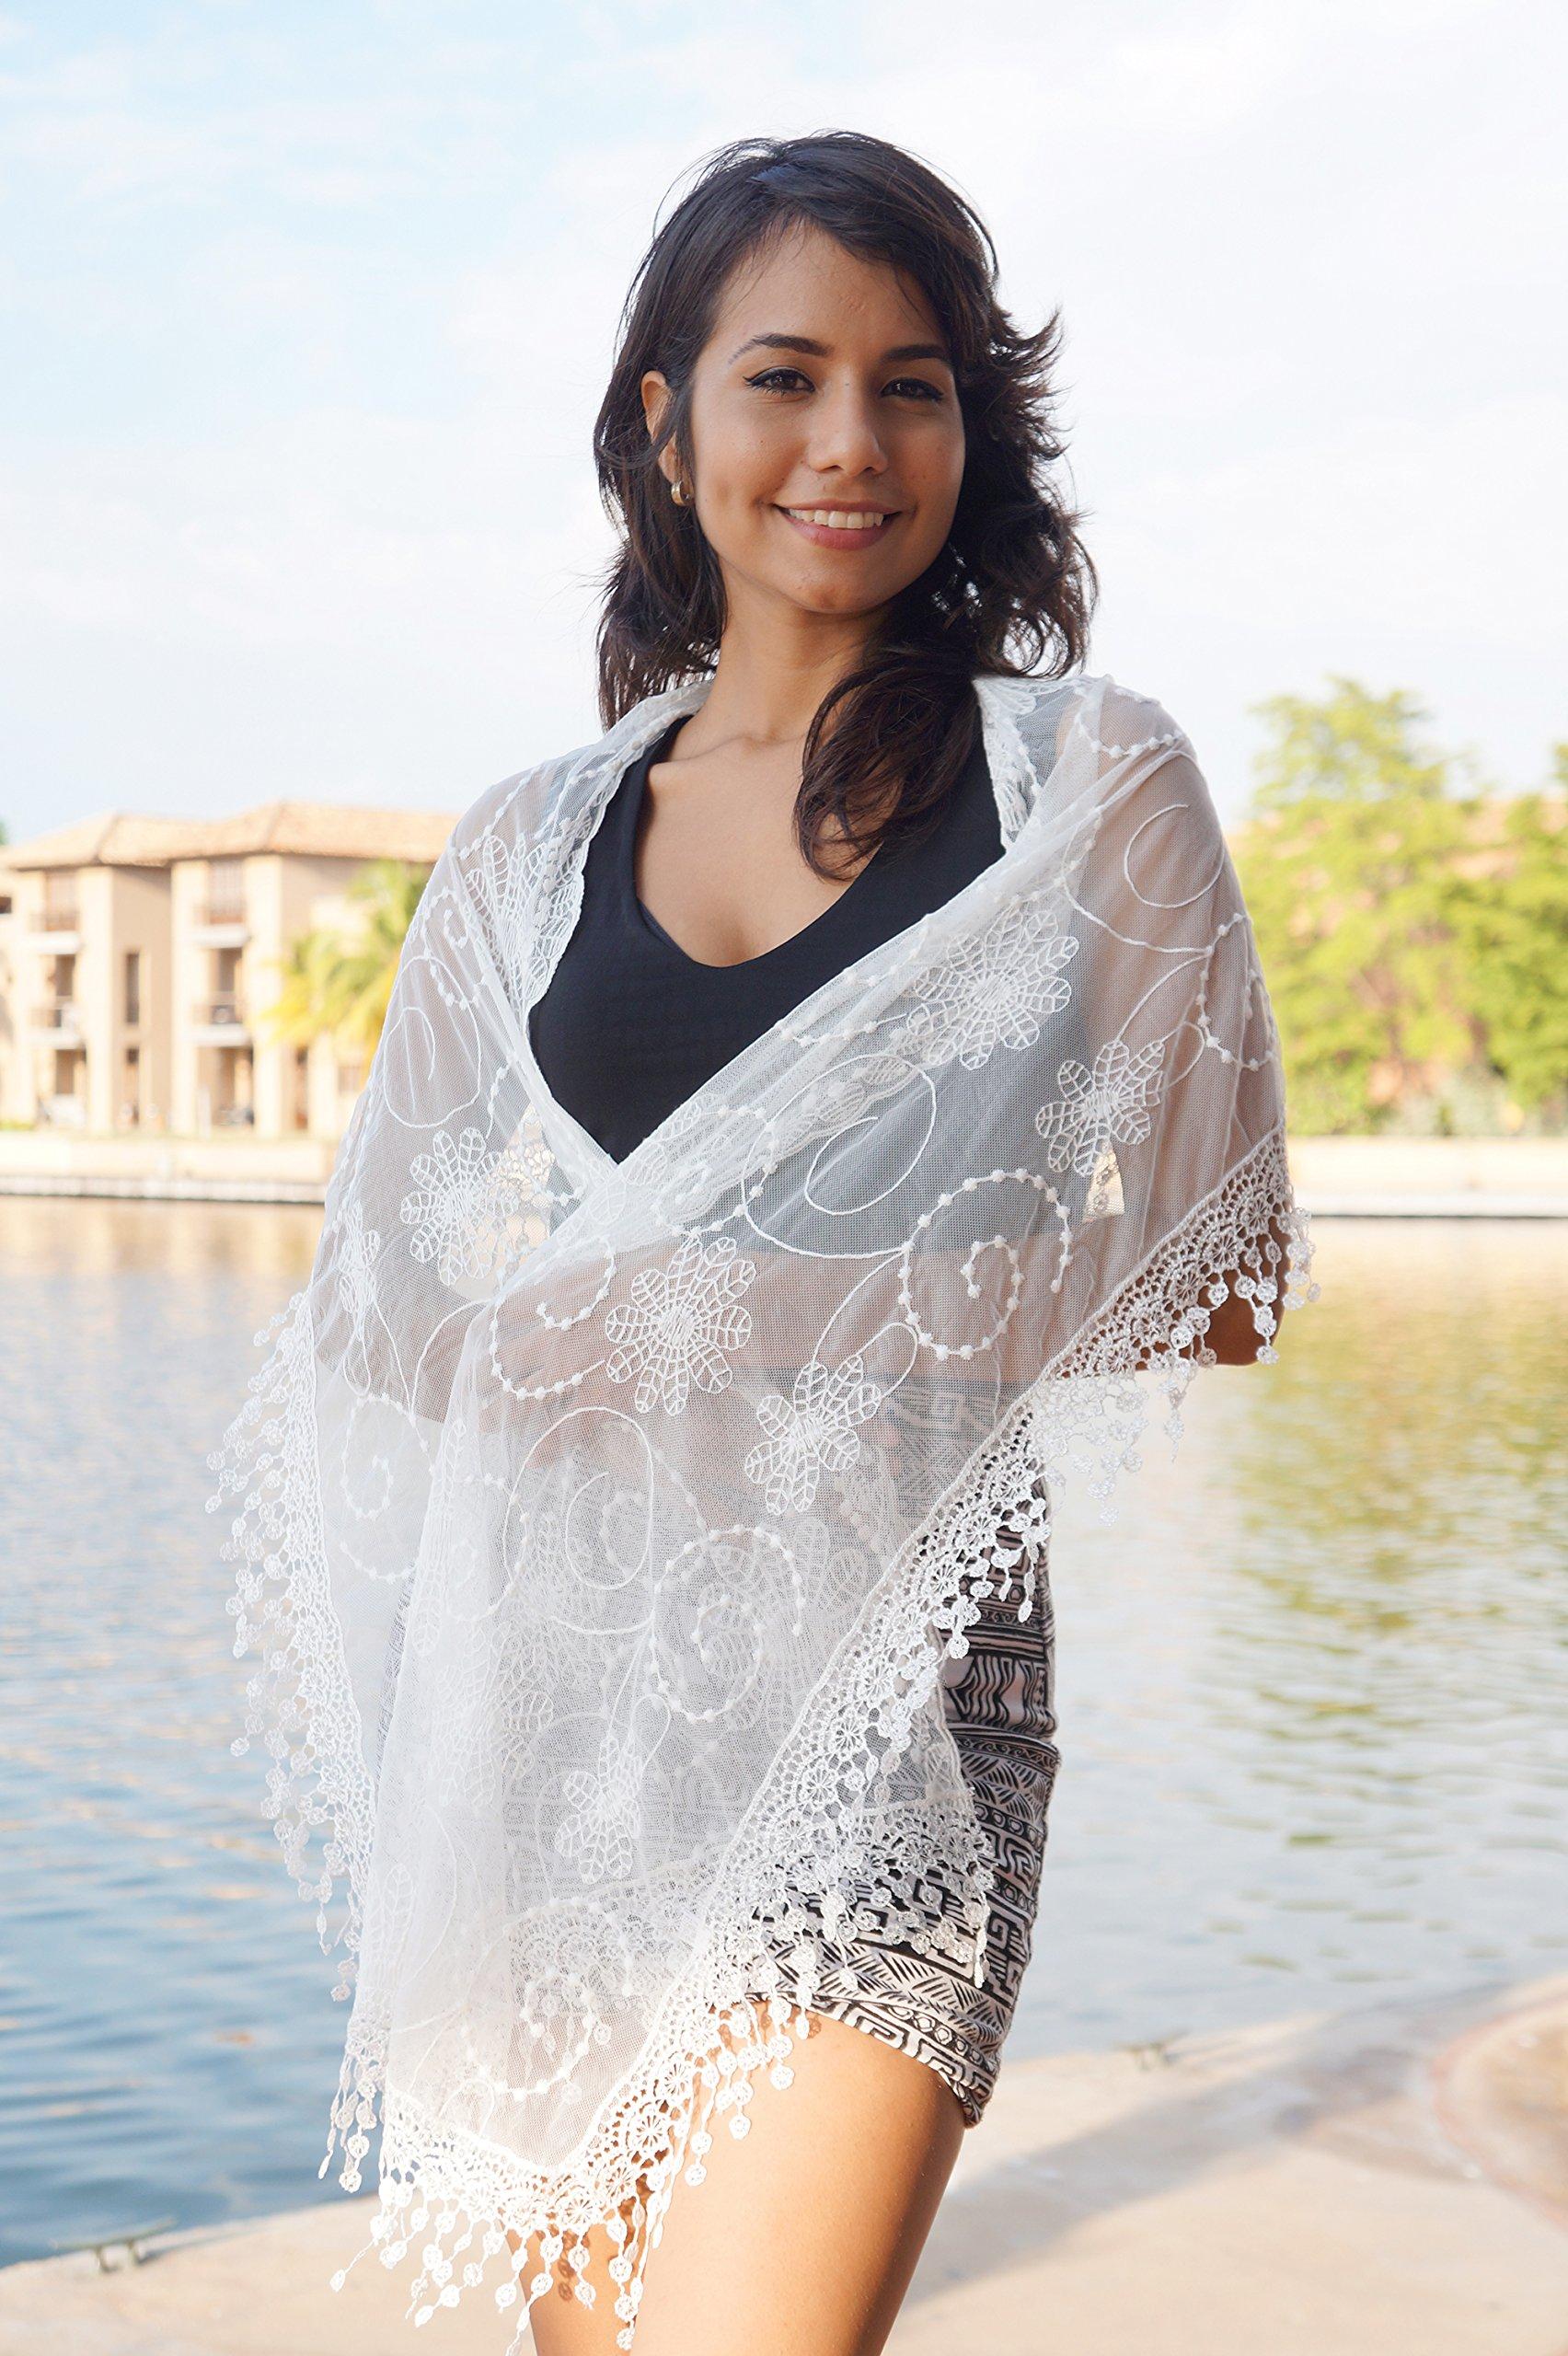 Women's lightweight Feminine lace teardrop fringe Lace Scarf Vintage Scarf Mesh Crochet Tassel Cotton Scarf for Women (WHITE) by Tan's (Image #2)